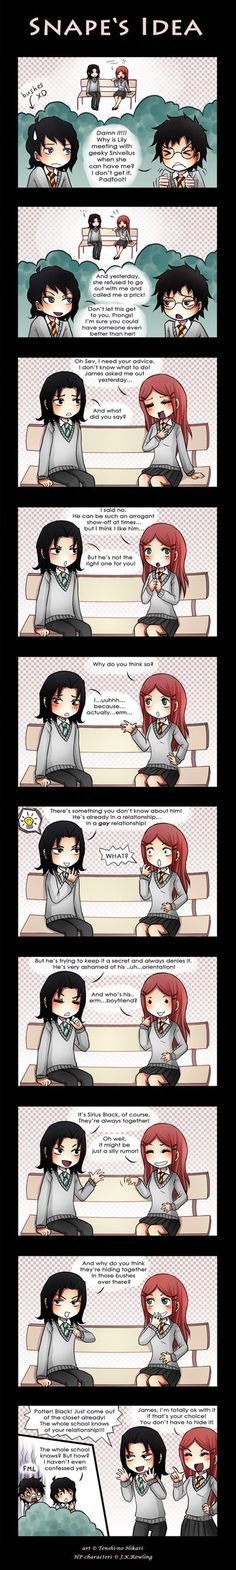 HP - Snape's idea by Tenshi-no-Hikari on DeviantArt